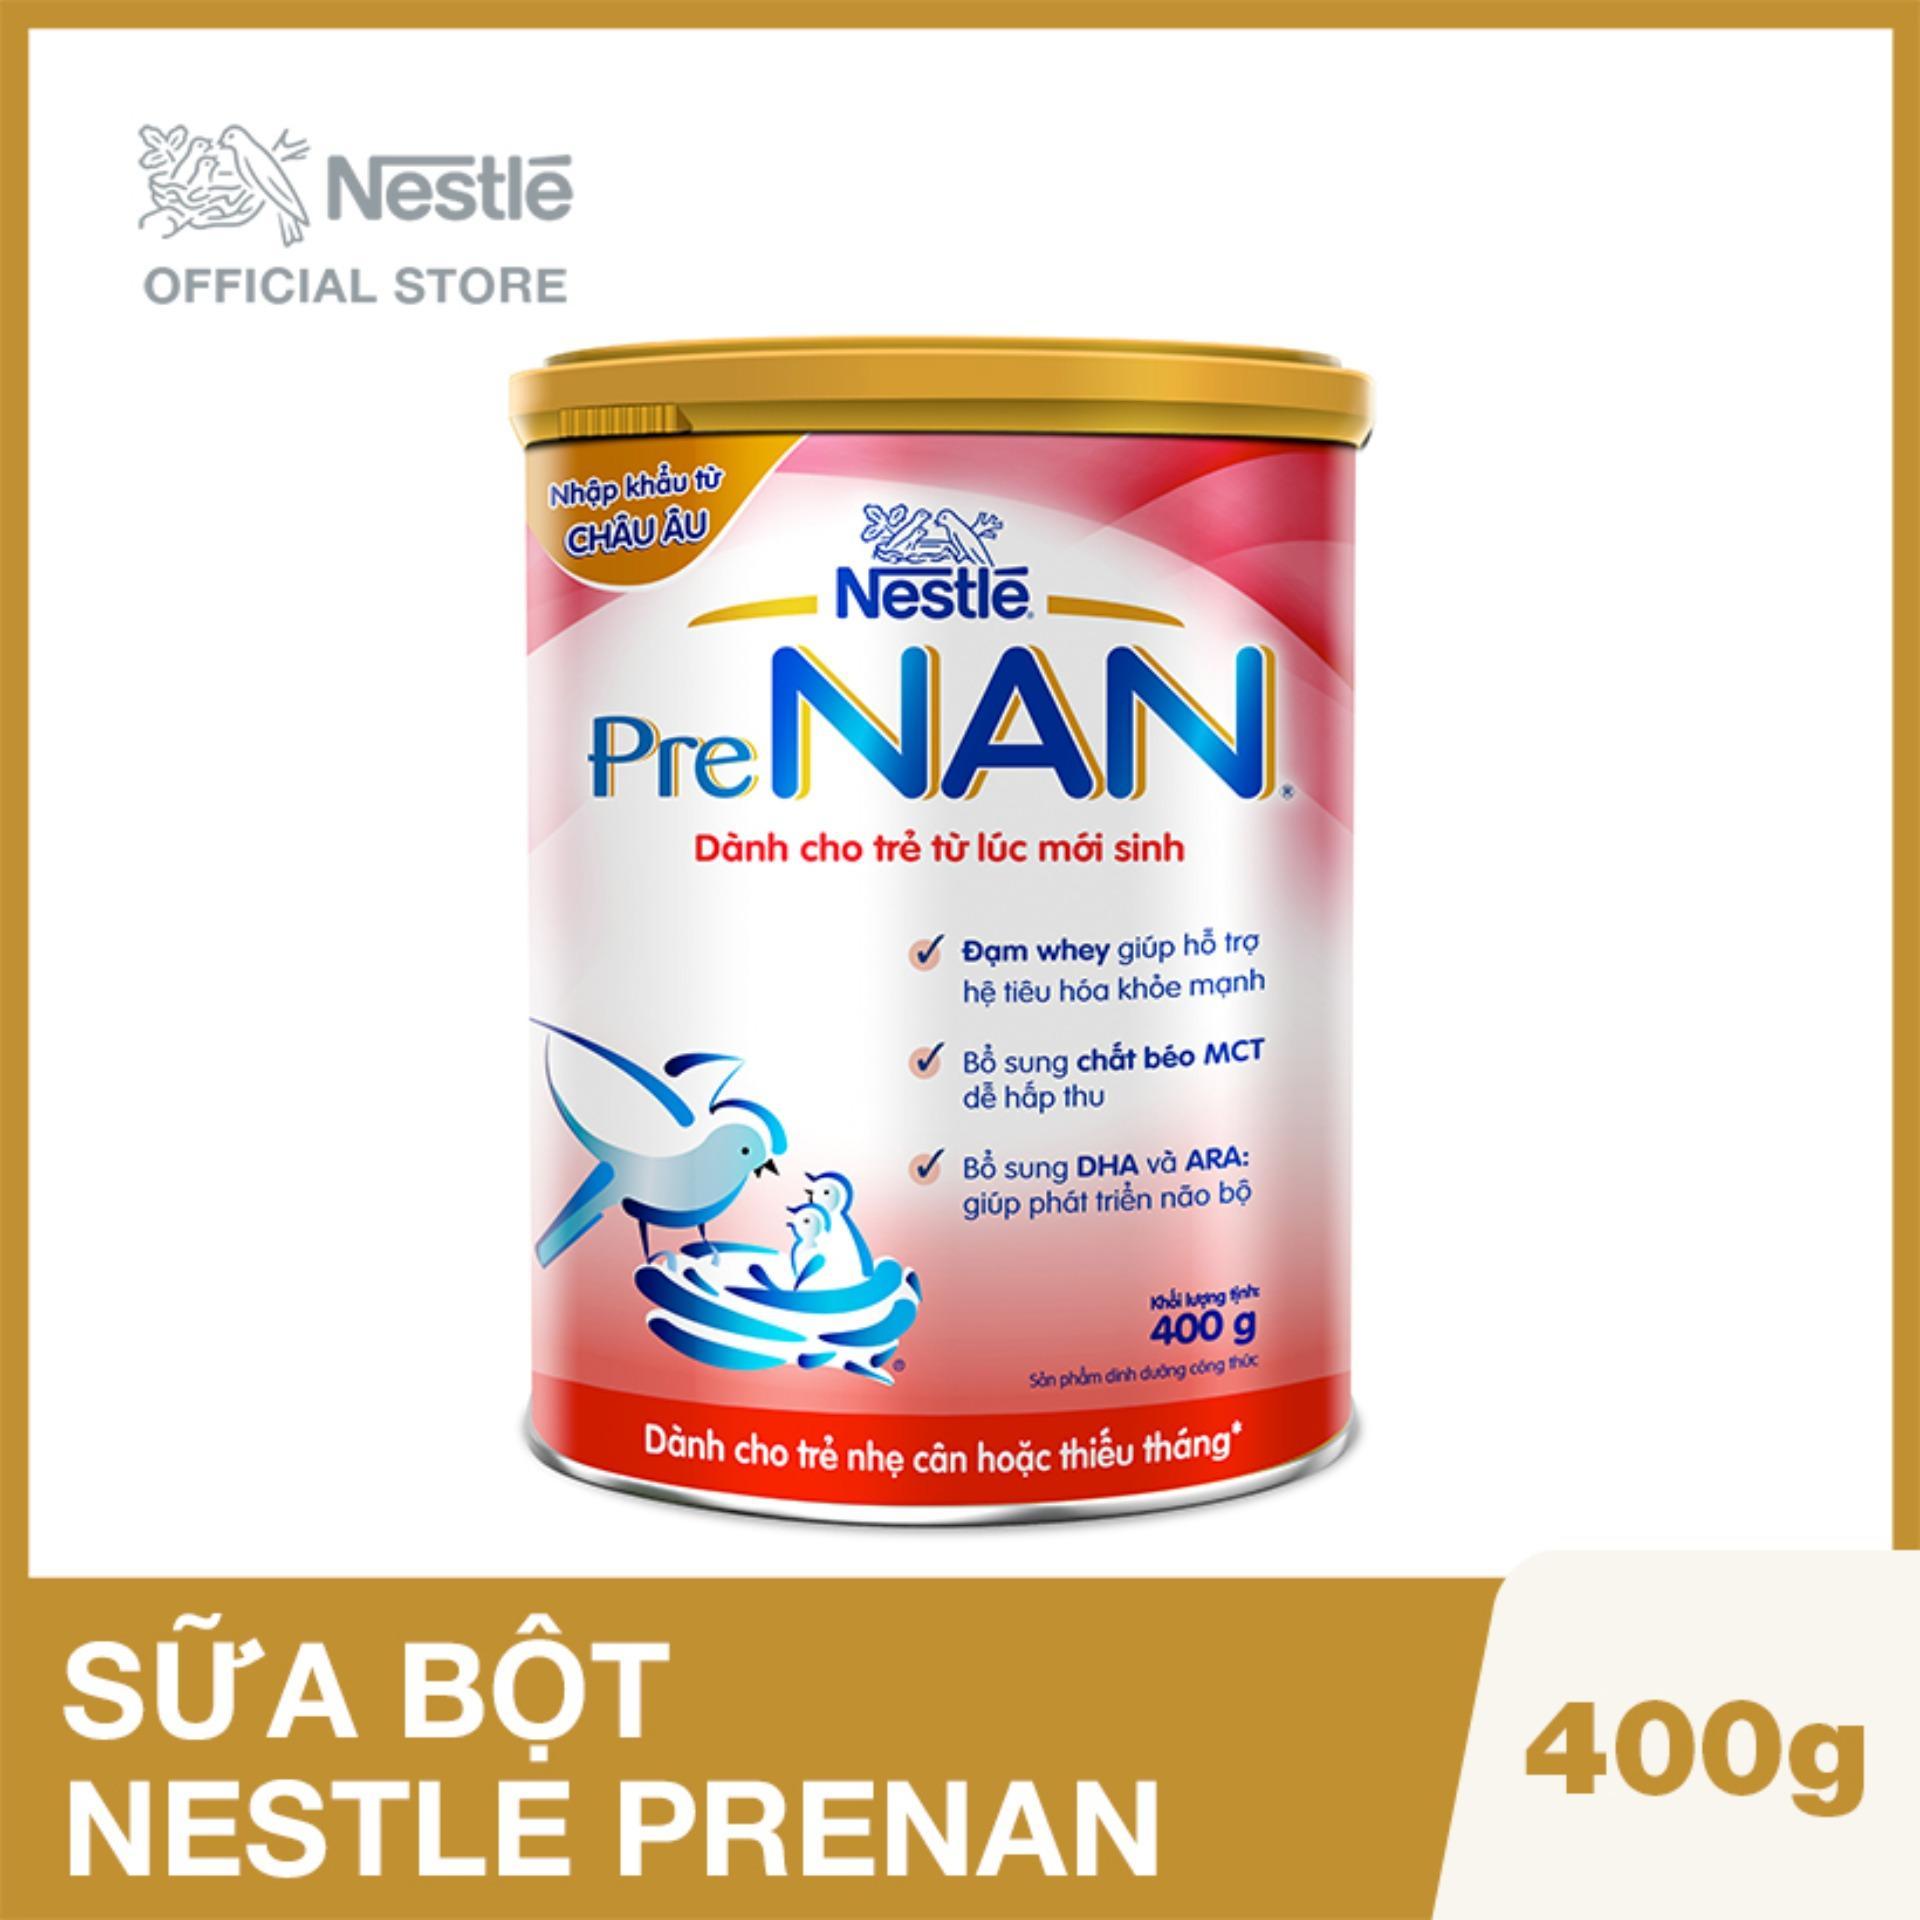 Sữa bột Nestle PreNAN 400g